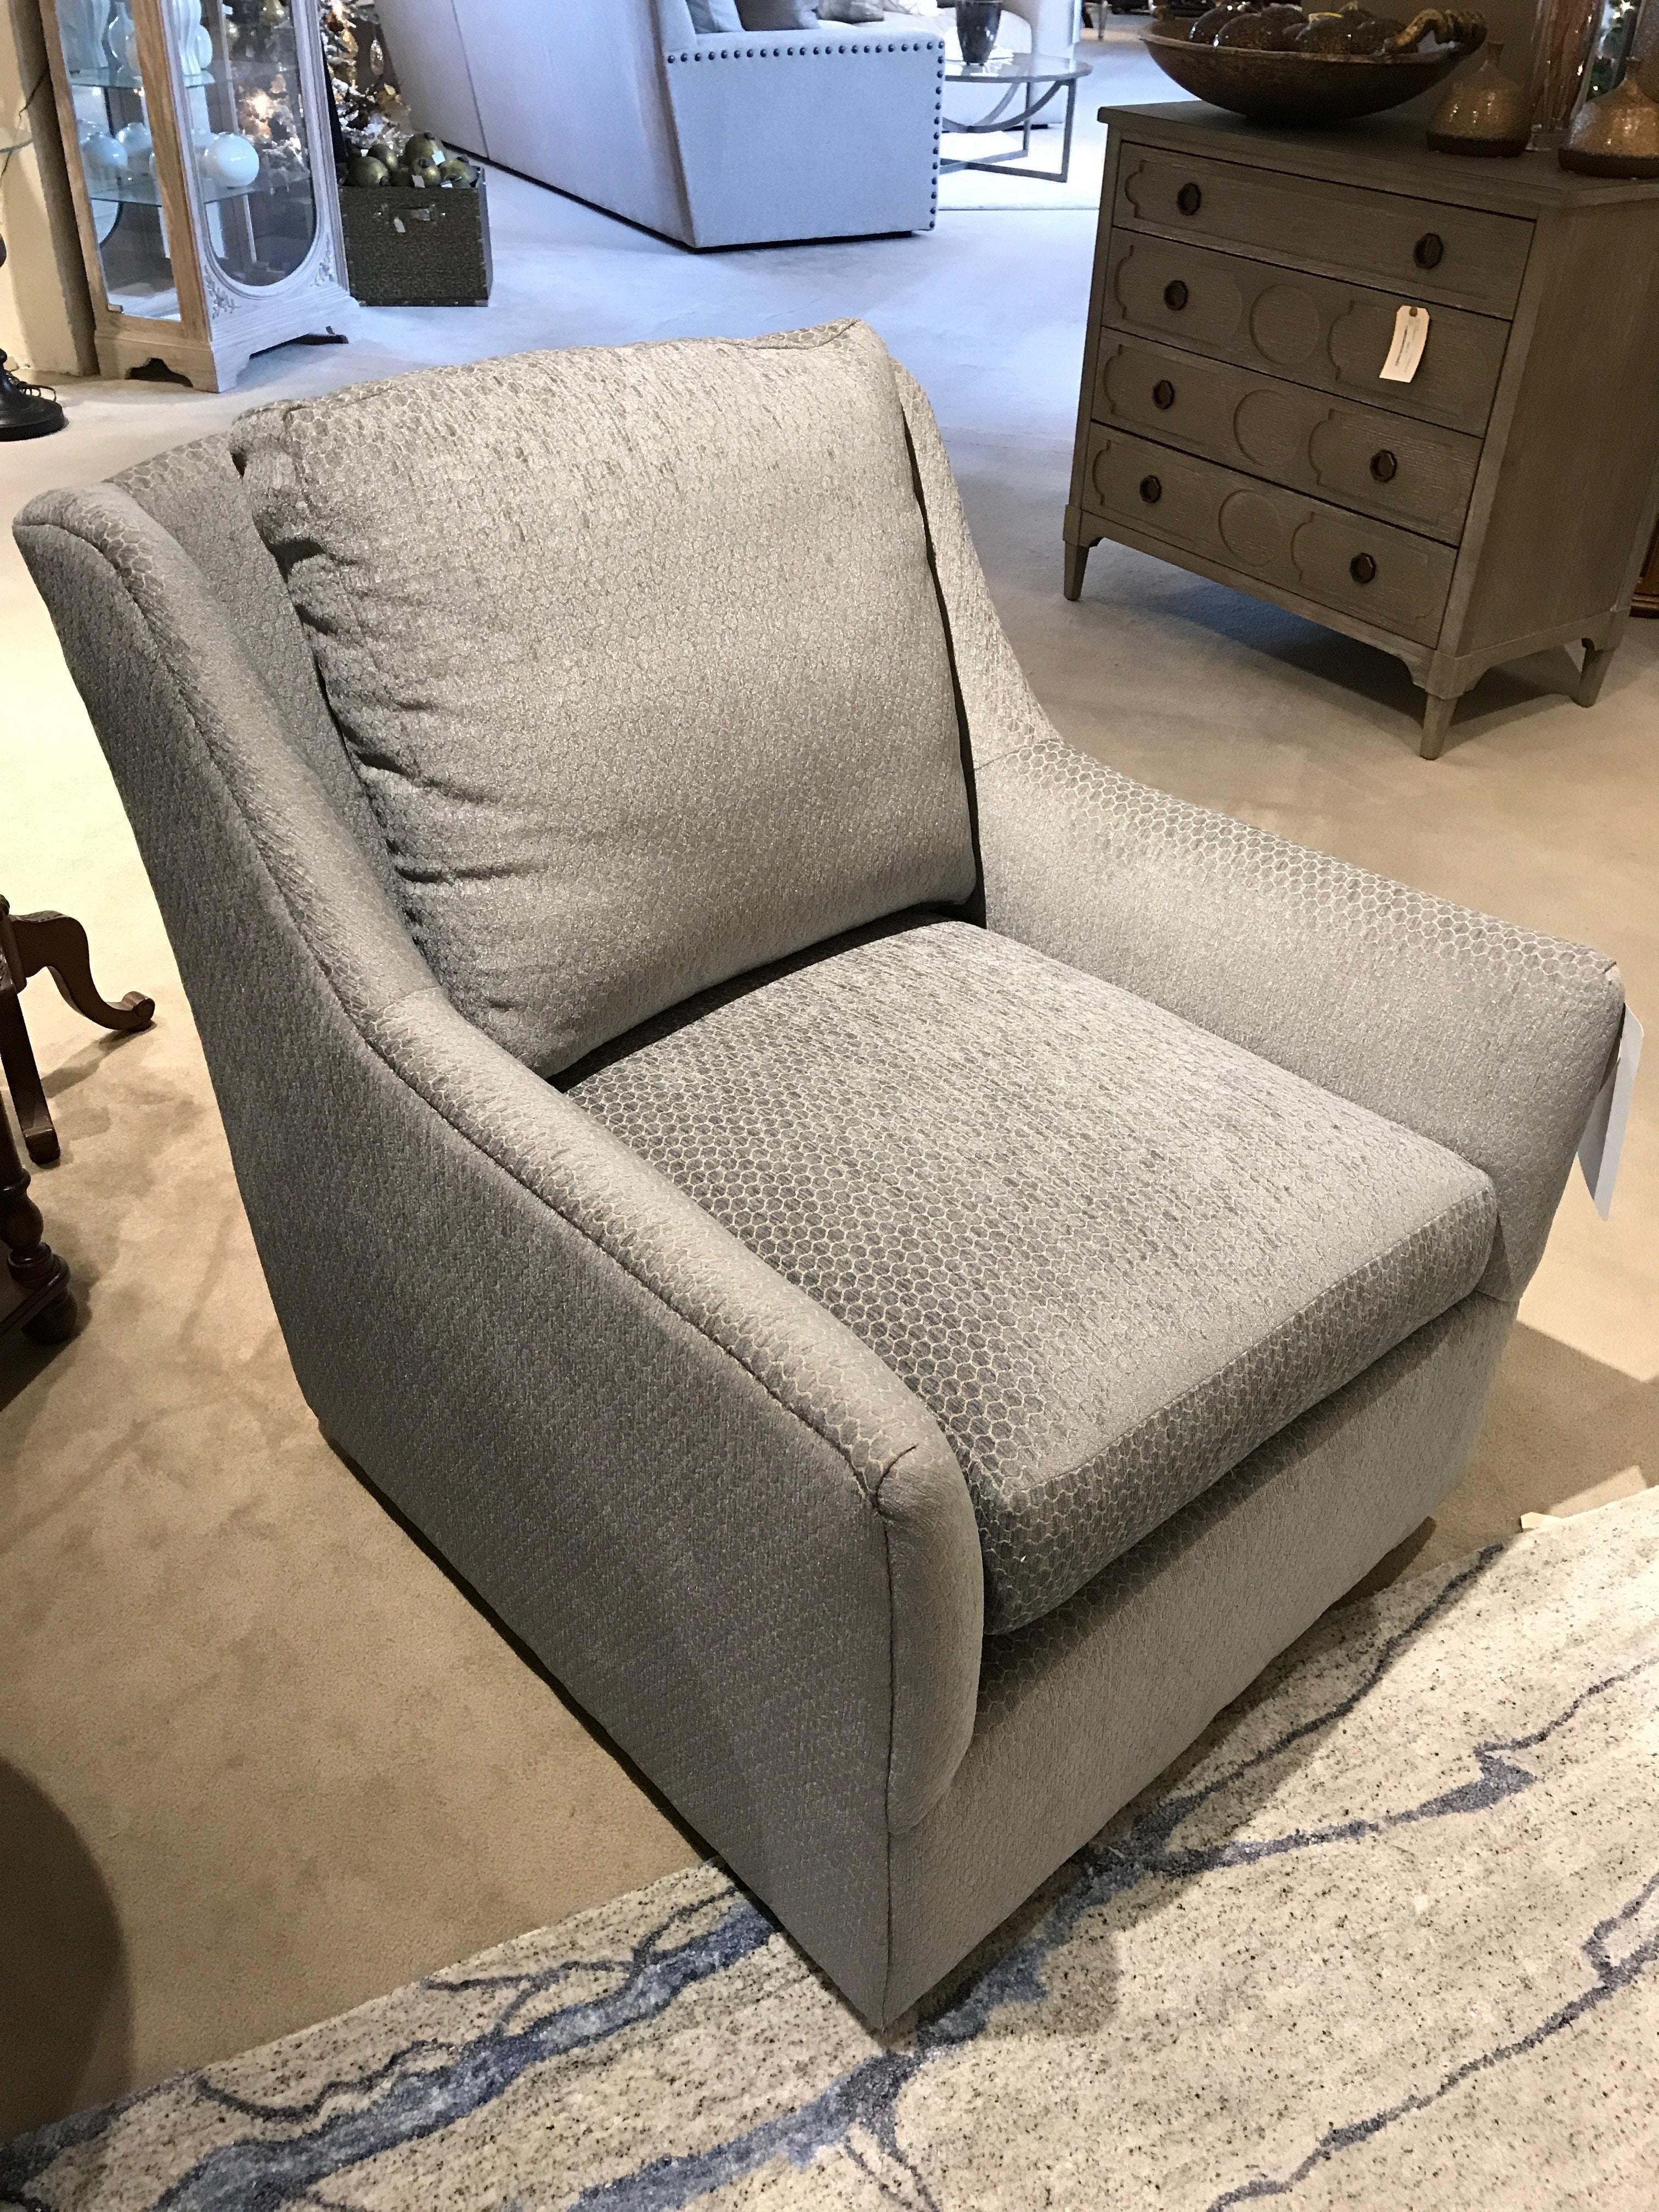 125409. Chair